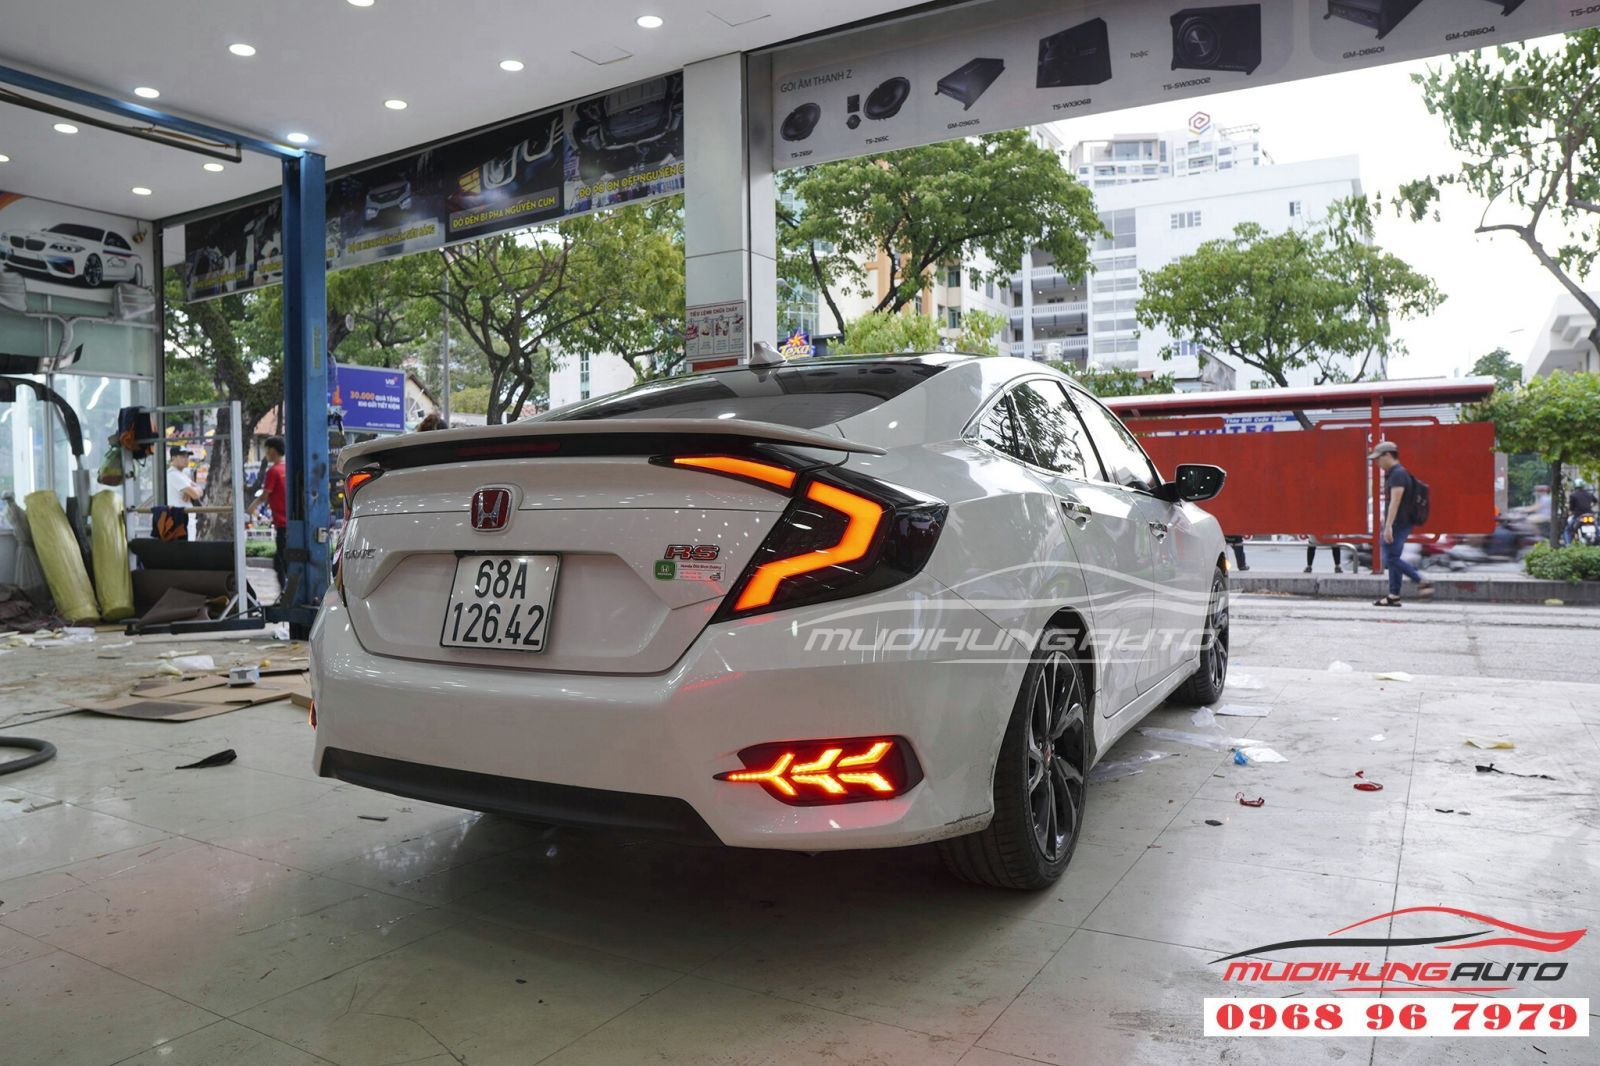 Thay cụm đèn hậu cho Honda Civic 01